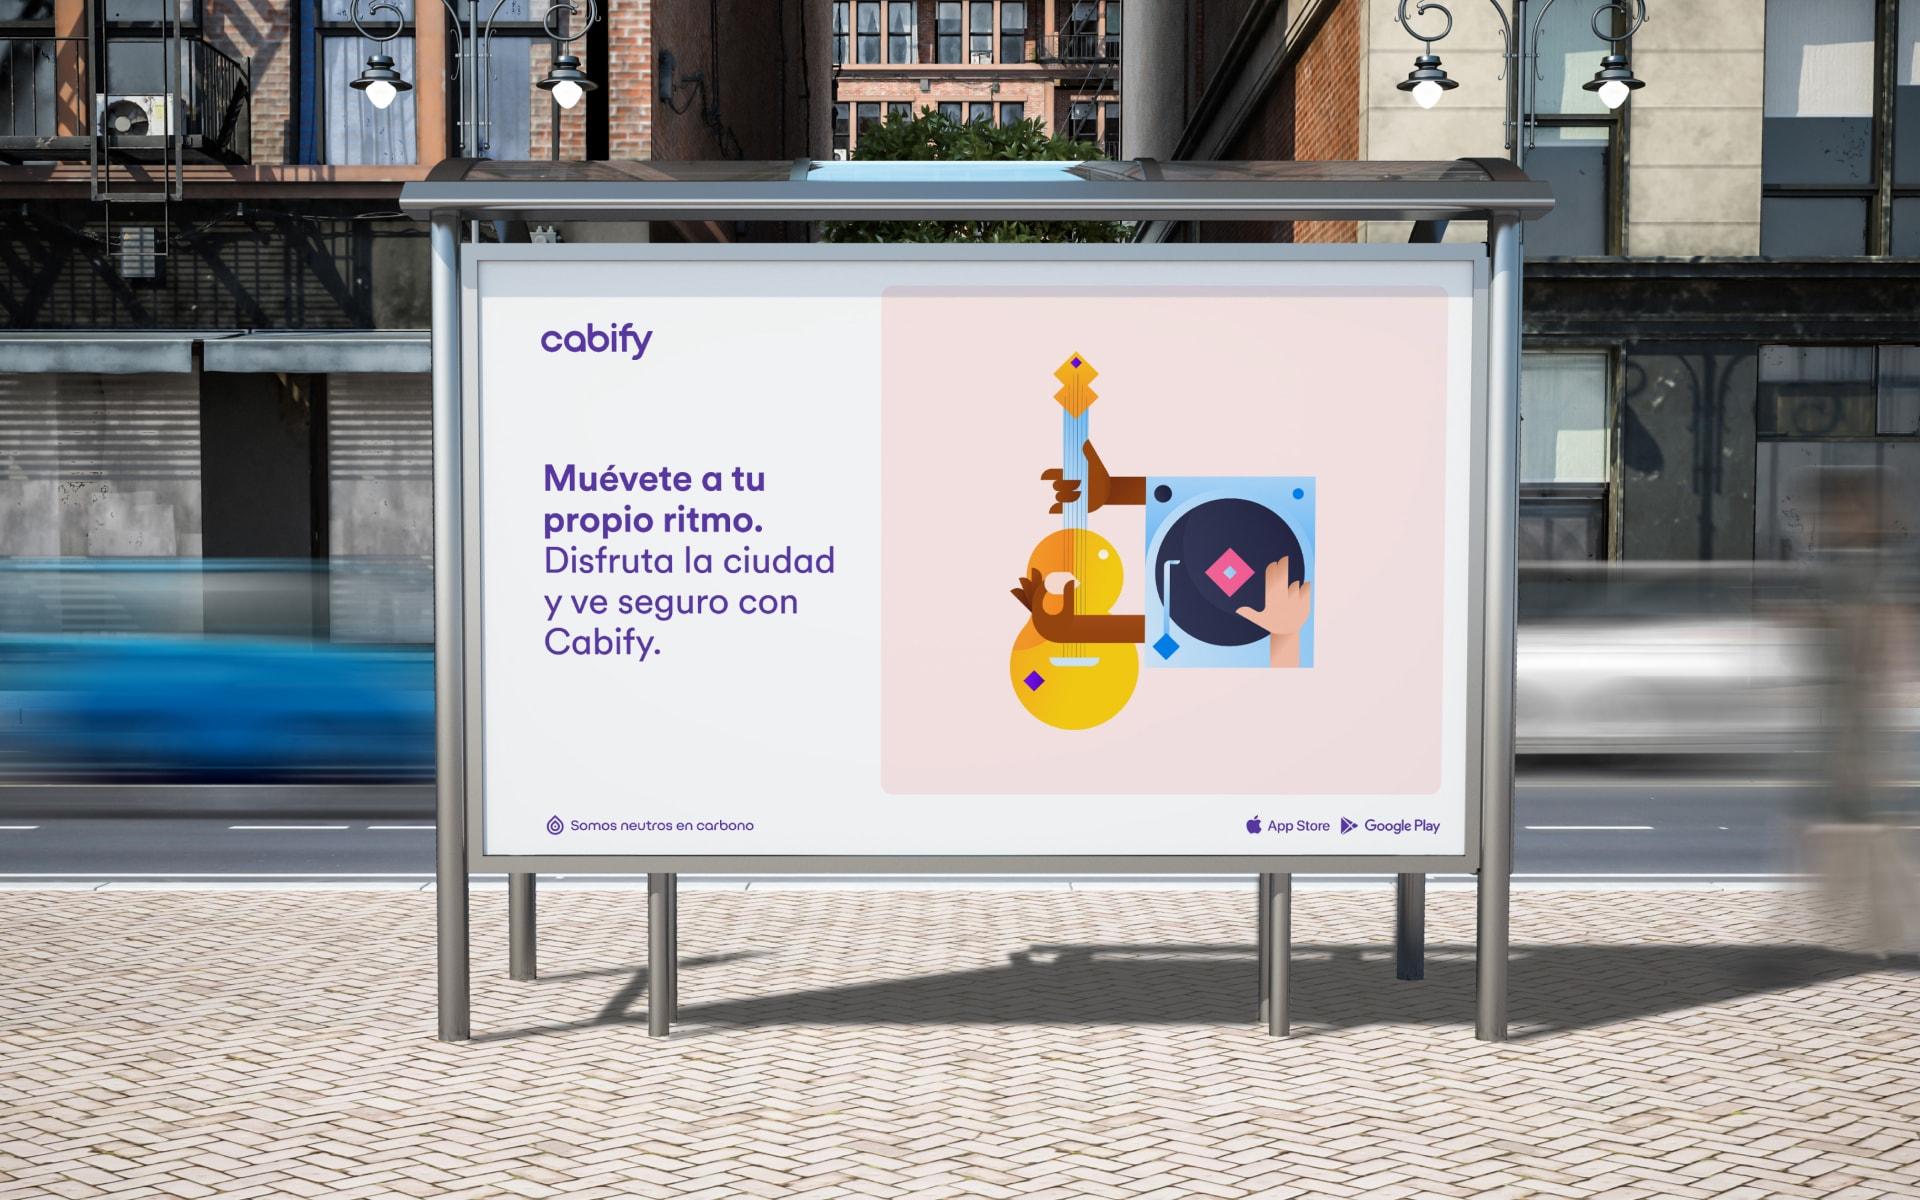 """Anuncio en la calle que dice """"Muévete a tu propio ritmo. Disfruta la ciudad y ve seguro con Cabify"""" junto a una ilustración de música"""